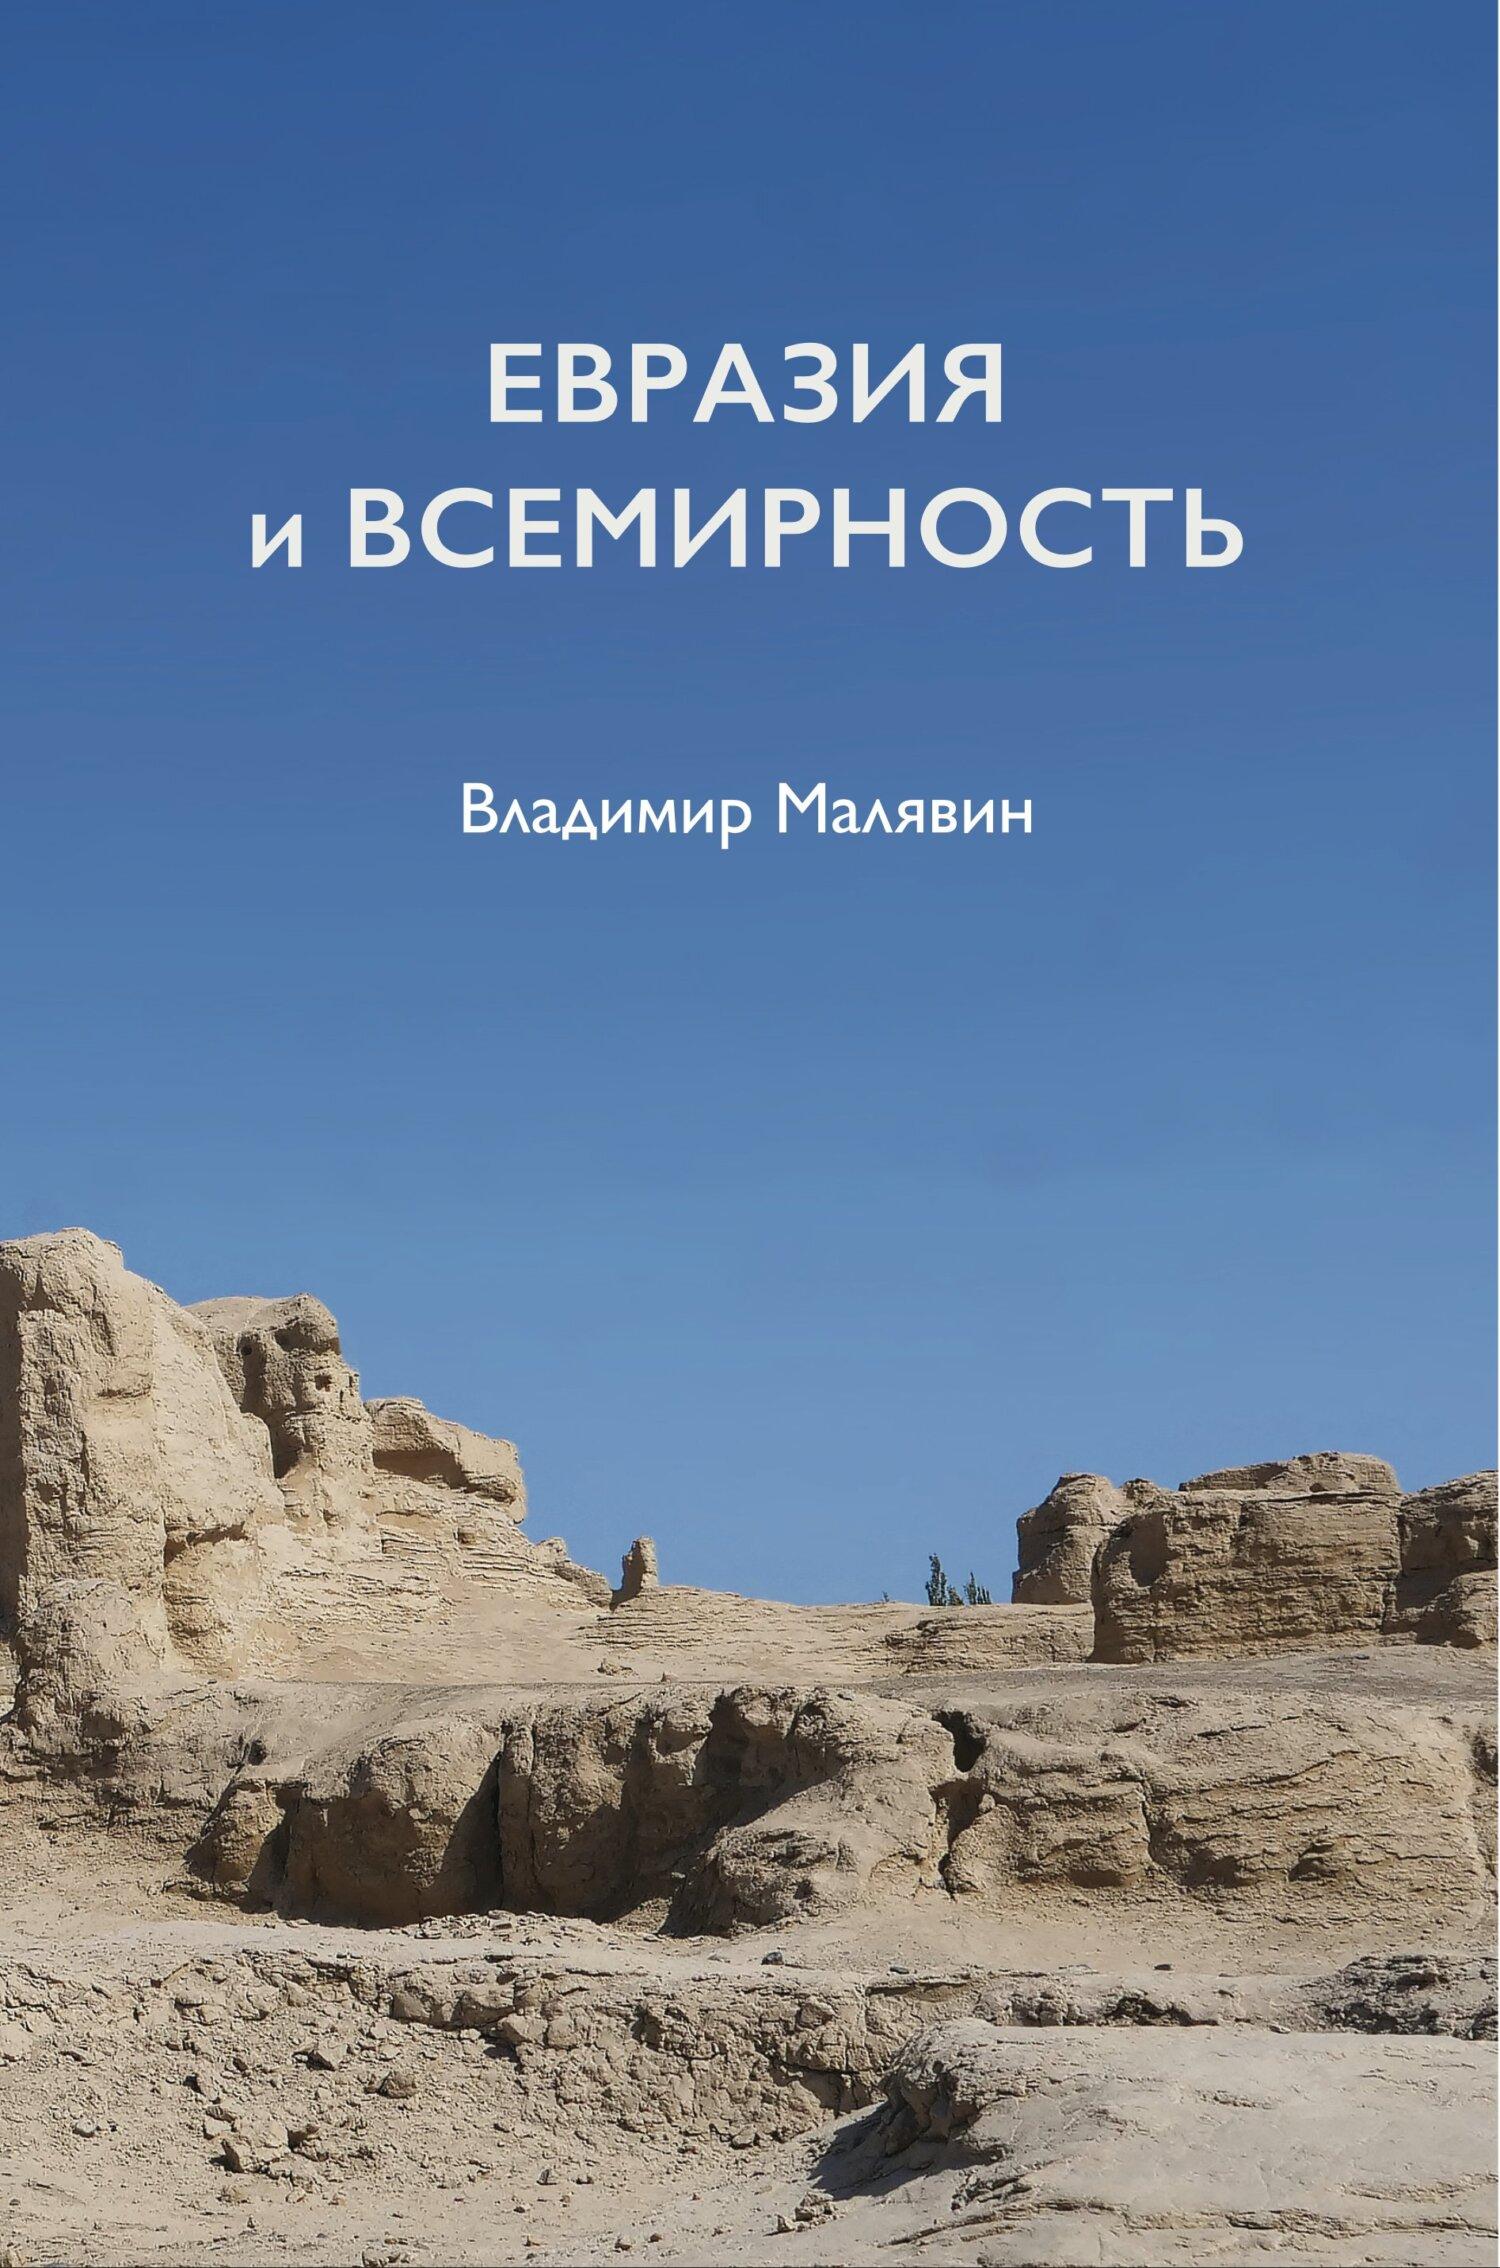 Владимир Малявин Евразия и всемирность. Новый взгляд на природу Евразии владимир сохарев манифест пролетариев мира